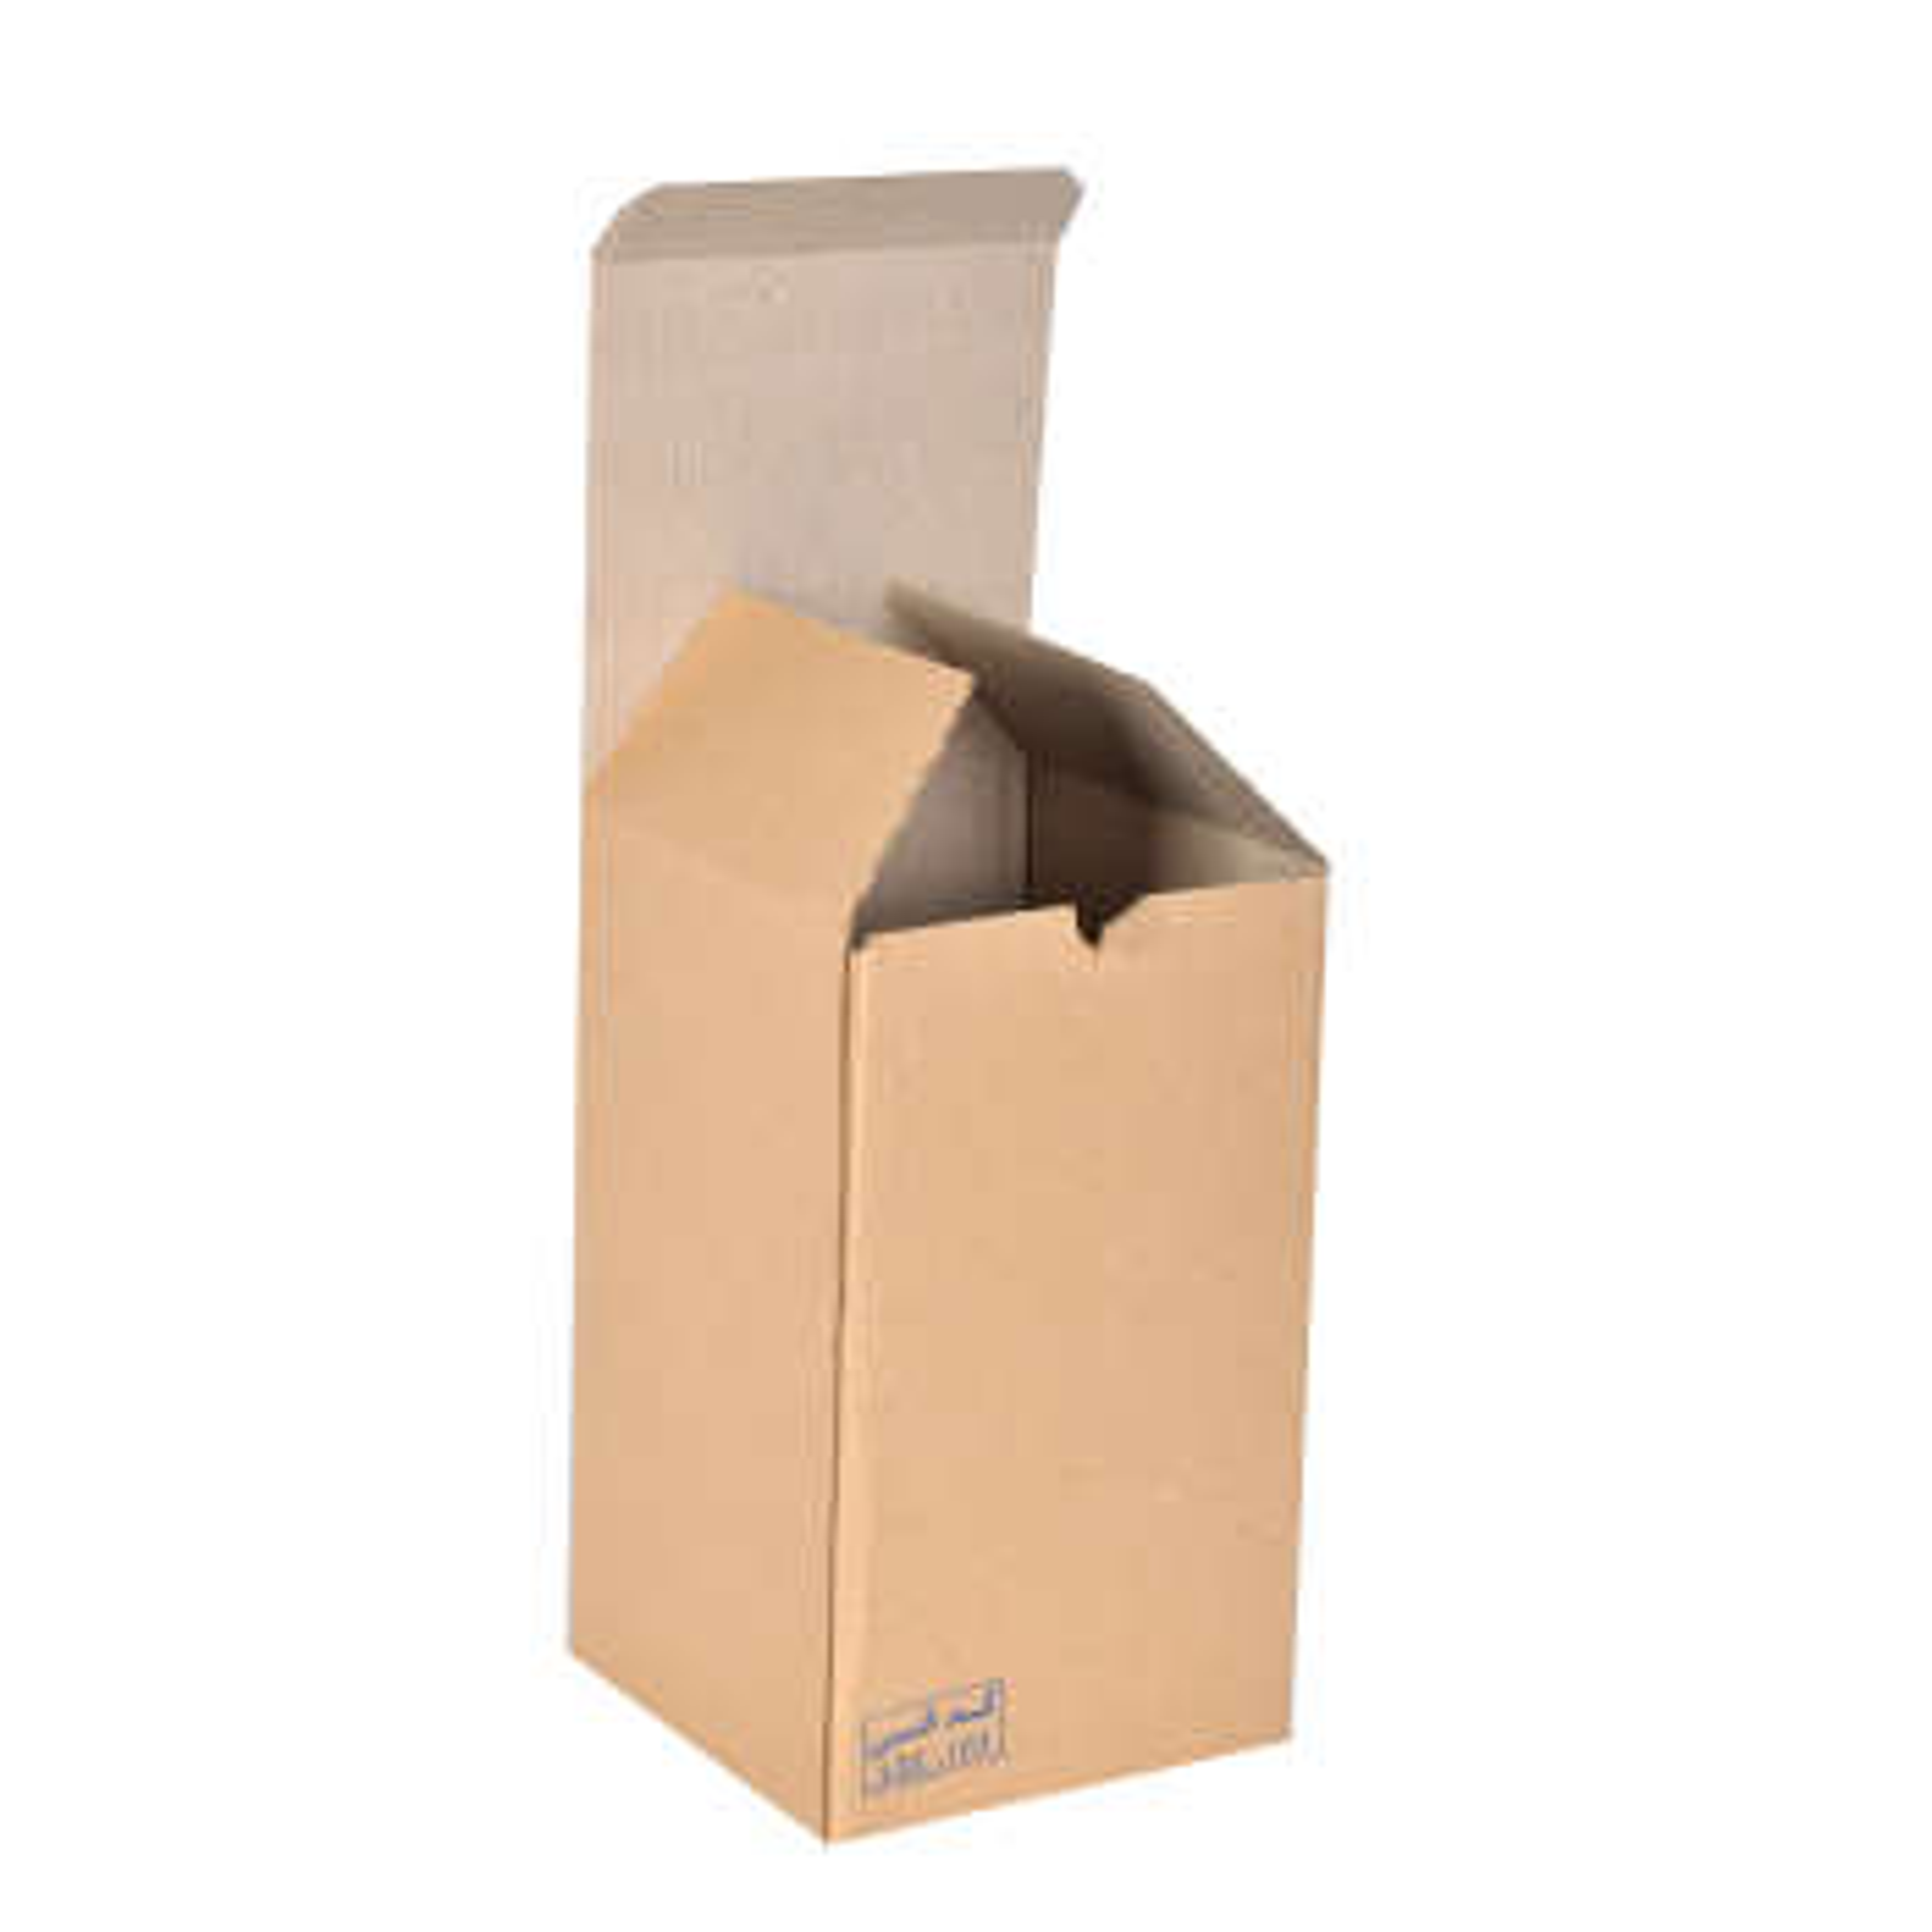 جعبه بسته بندی کد ABC.103 بسته 10 عددی